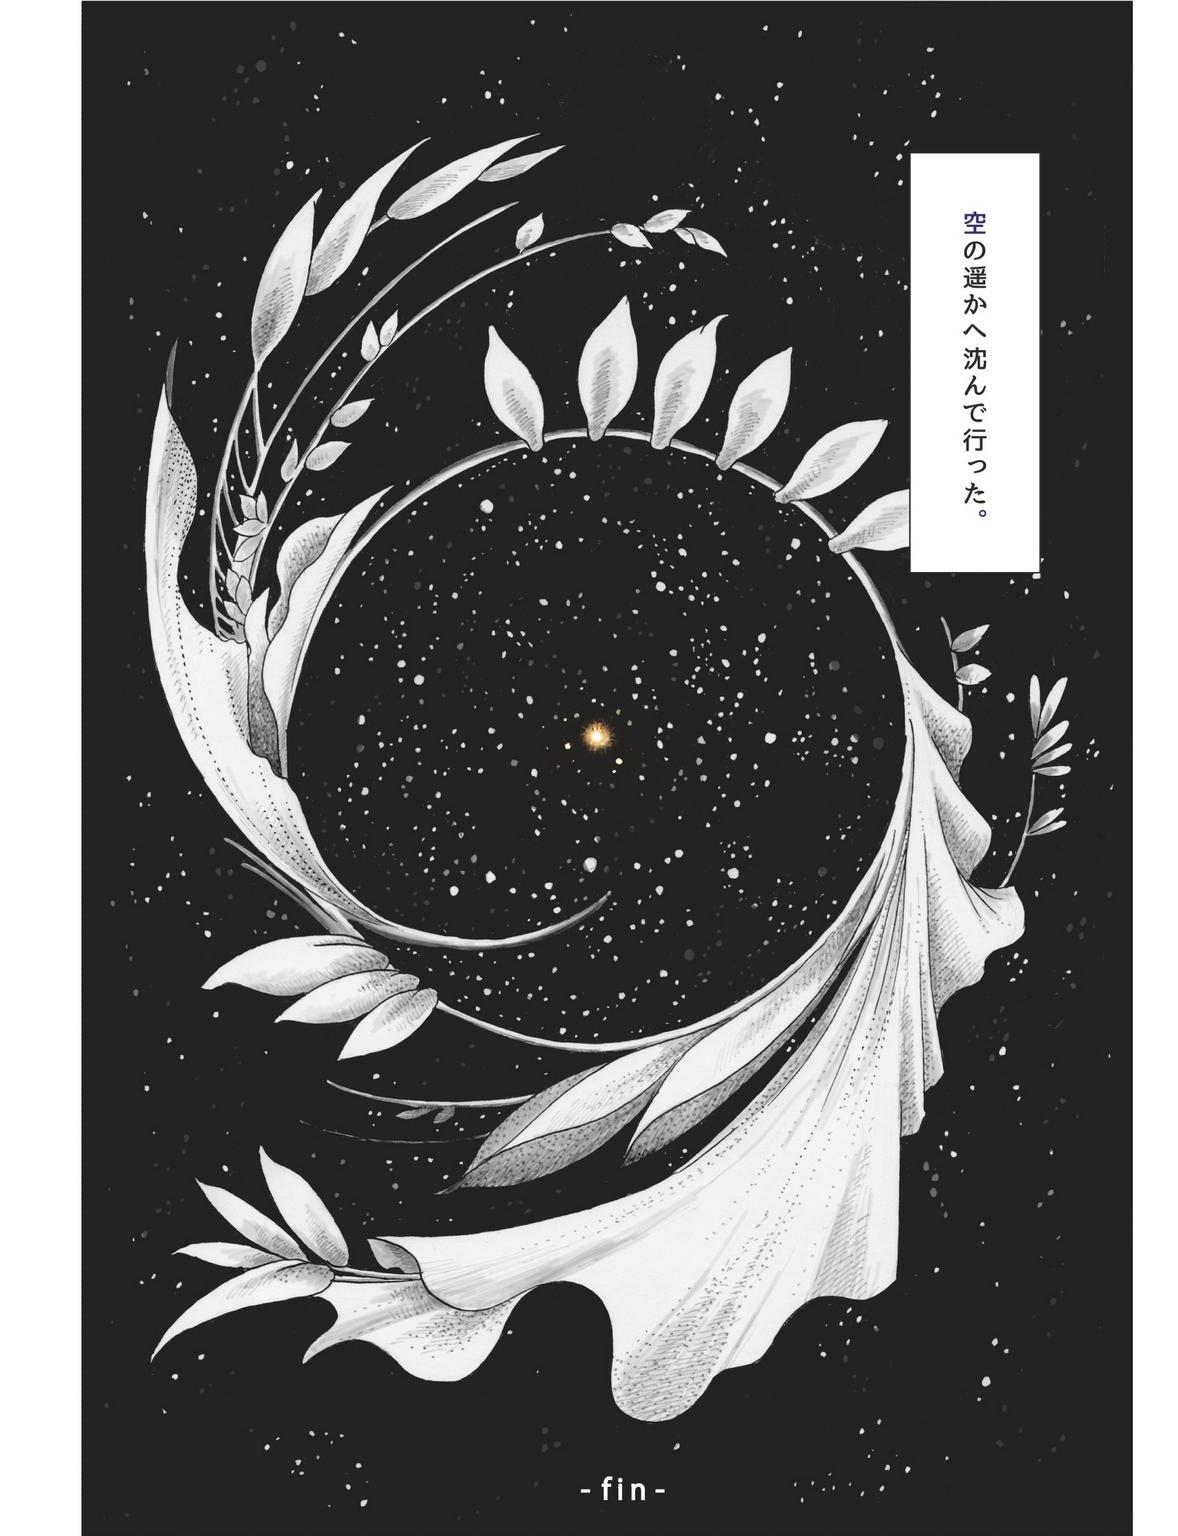 詩漫画 立原道造「魚の話」(『散歩詩集』より)_f0228652_21561664.jpeg